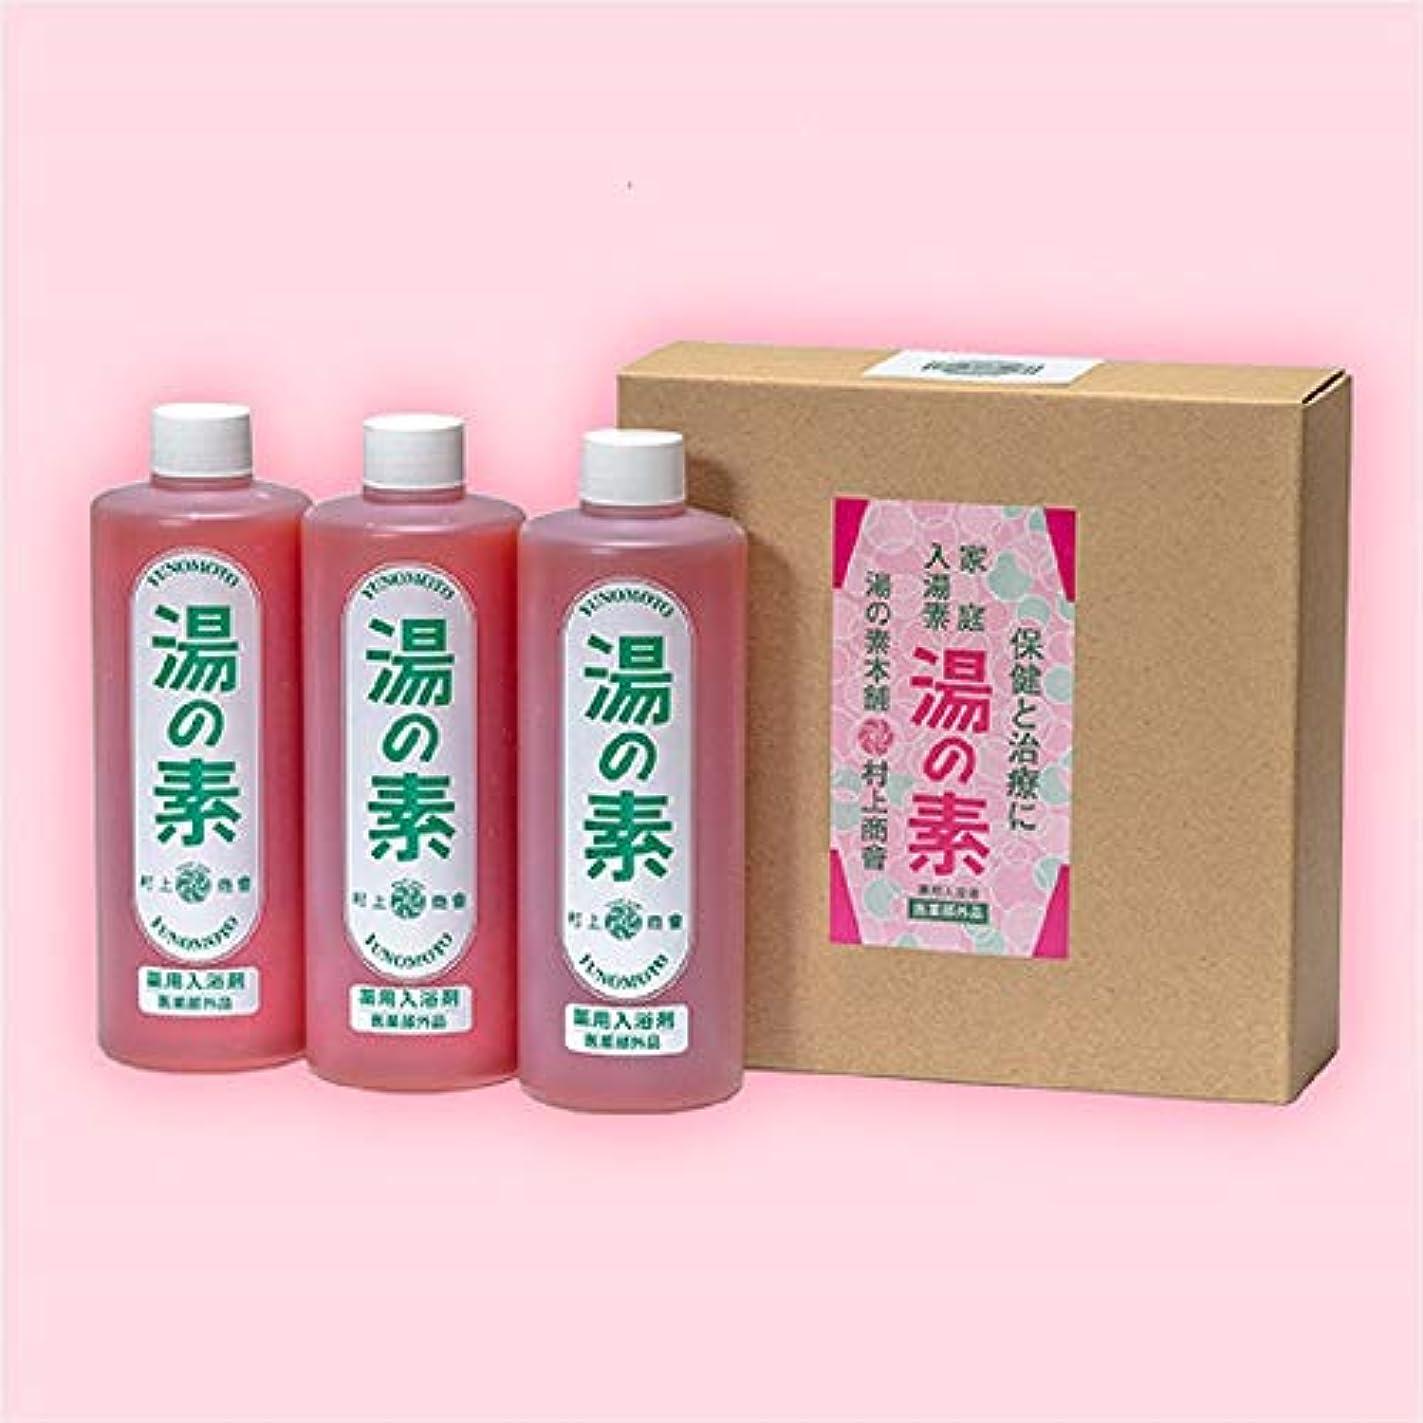 共役認証展開する薬用入浴剤 湯の素 [医薬部外品] 490g(約50回分) 3本セット